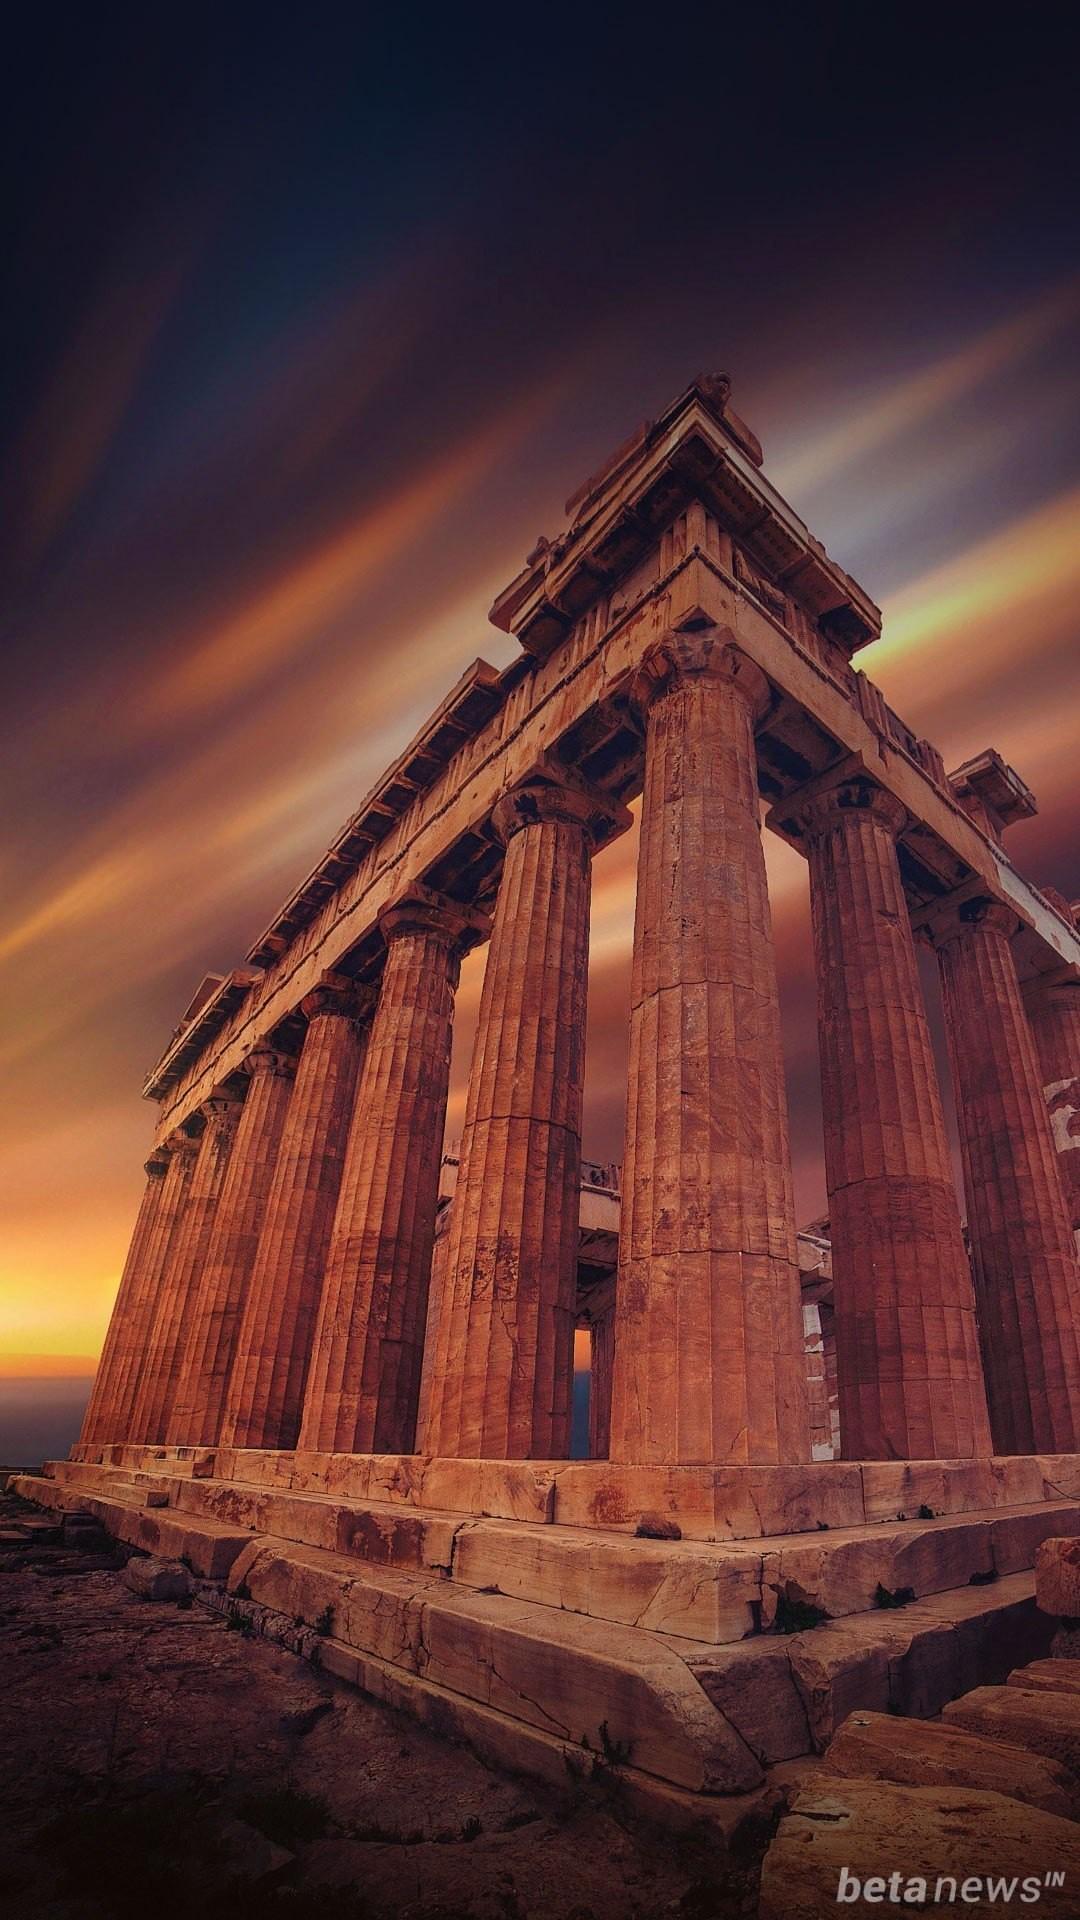 Ancient greek wallpaper 58 images - Ancient greece wallpaper hd ...